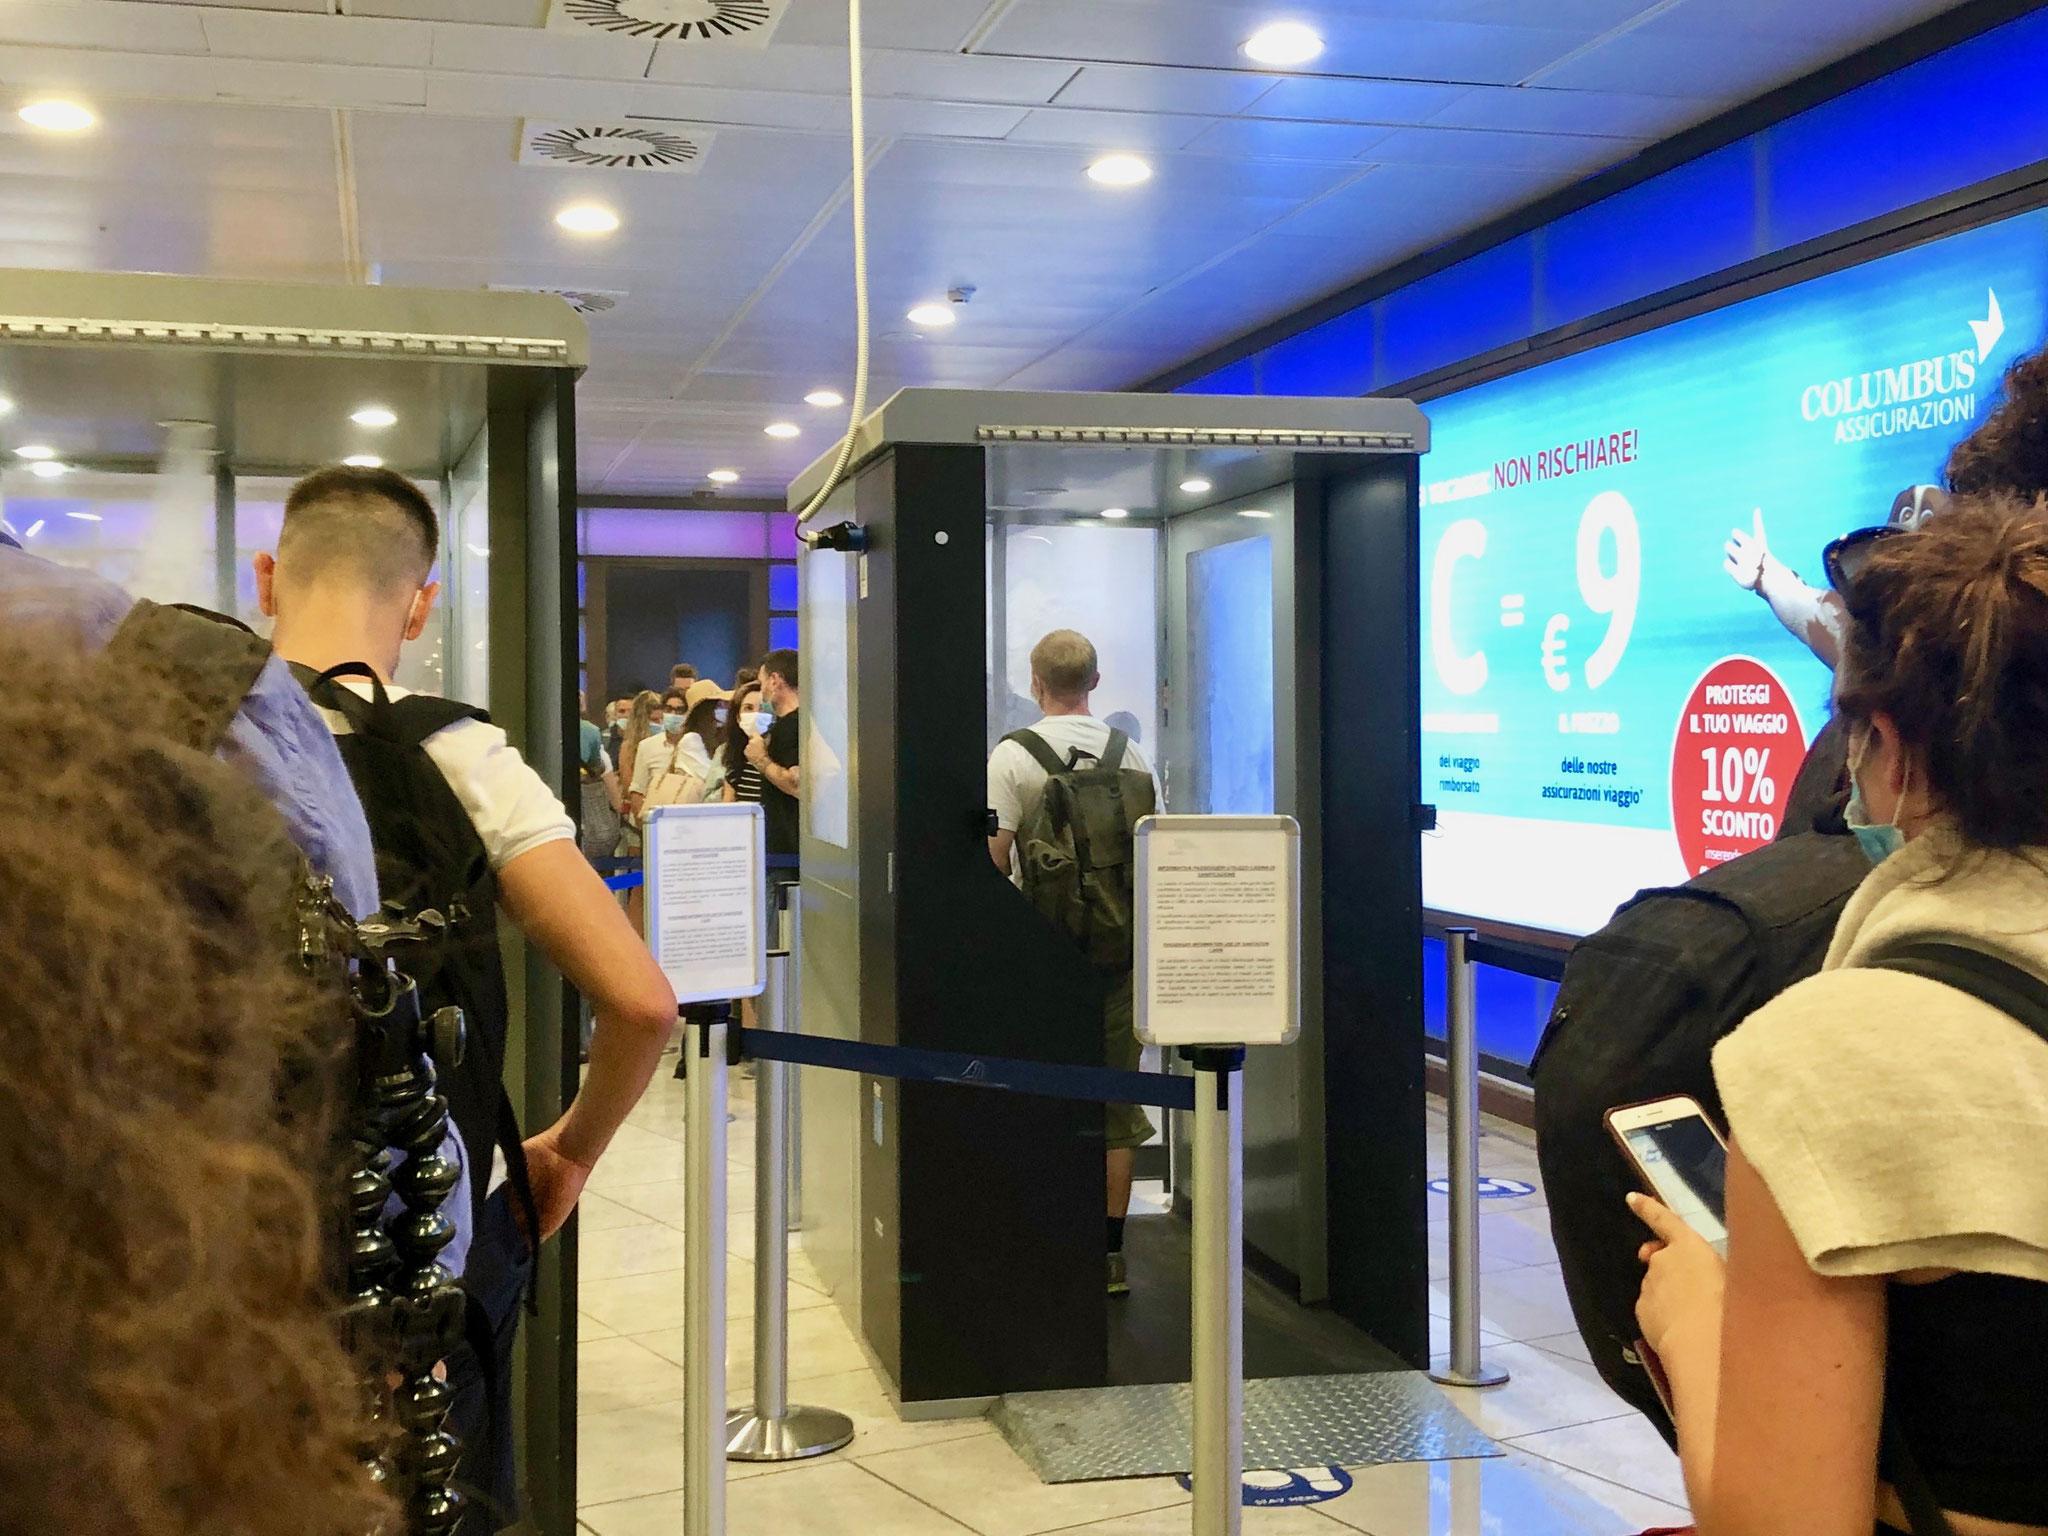 ナポリ空港だけでみかけたウォークイン式の消毒ブース